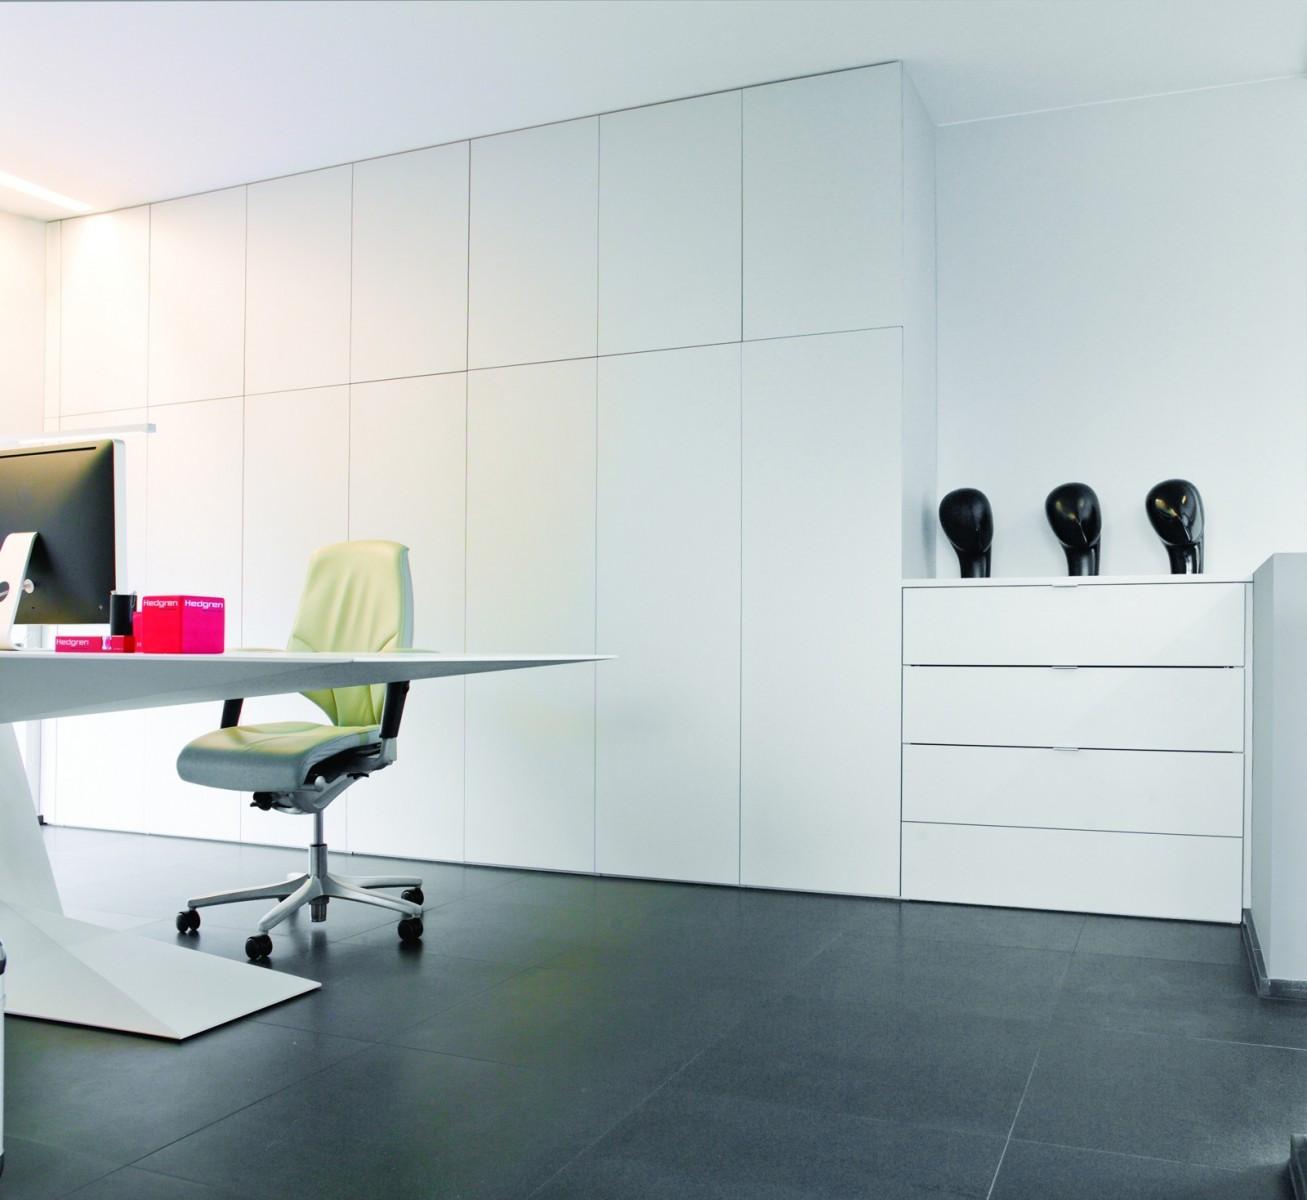 Bureau | Werken in een huiselijke sfeer › Kast-ID | Kasten, Meubelen ...